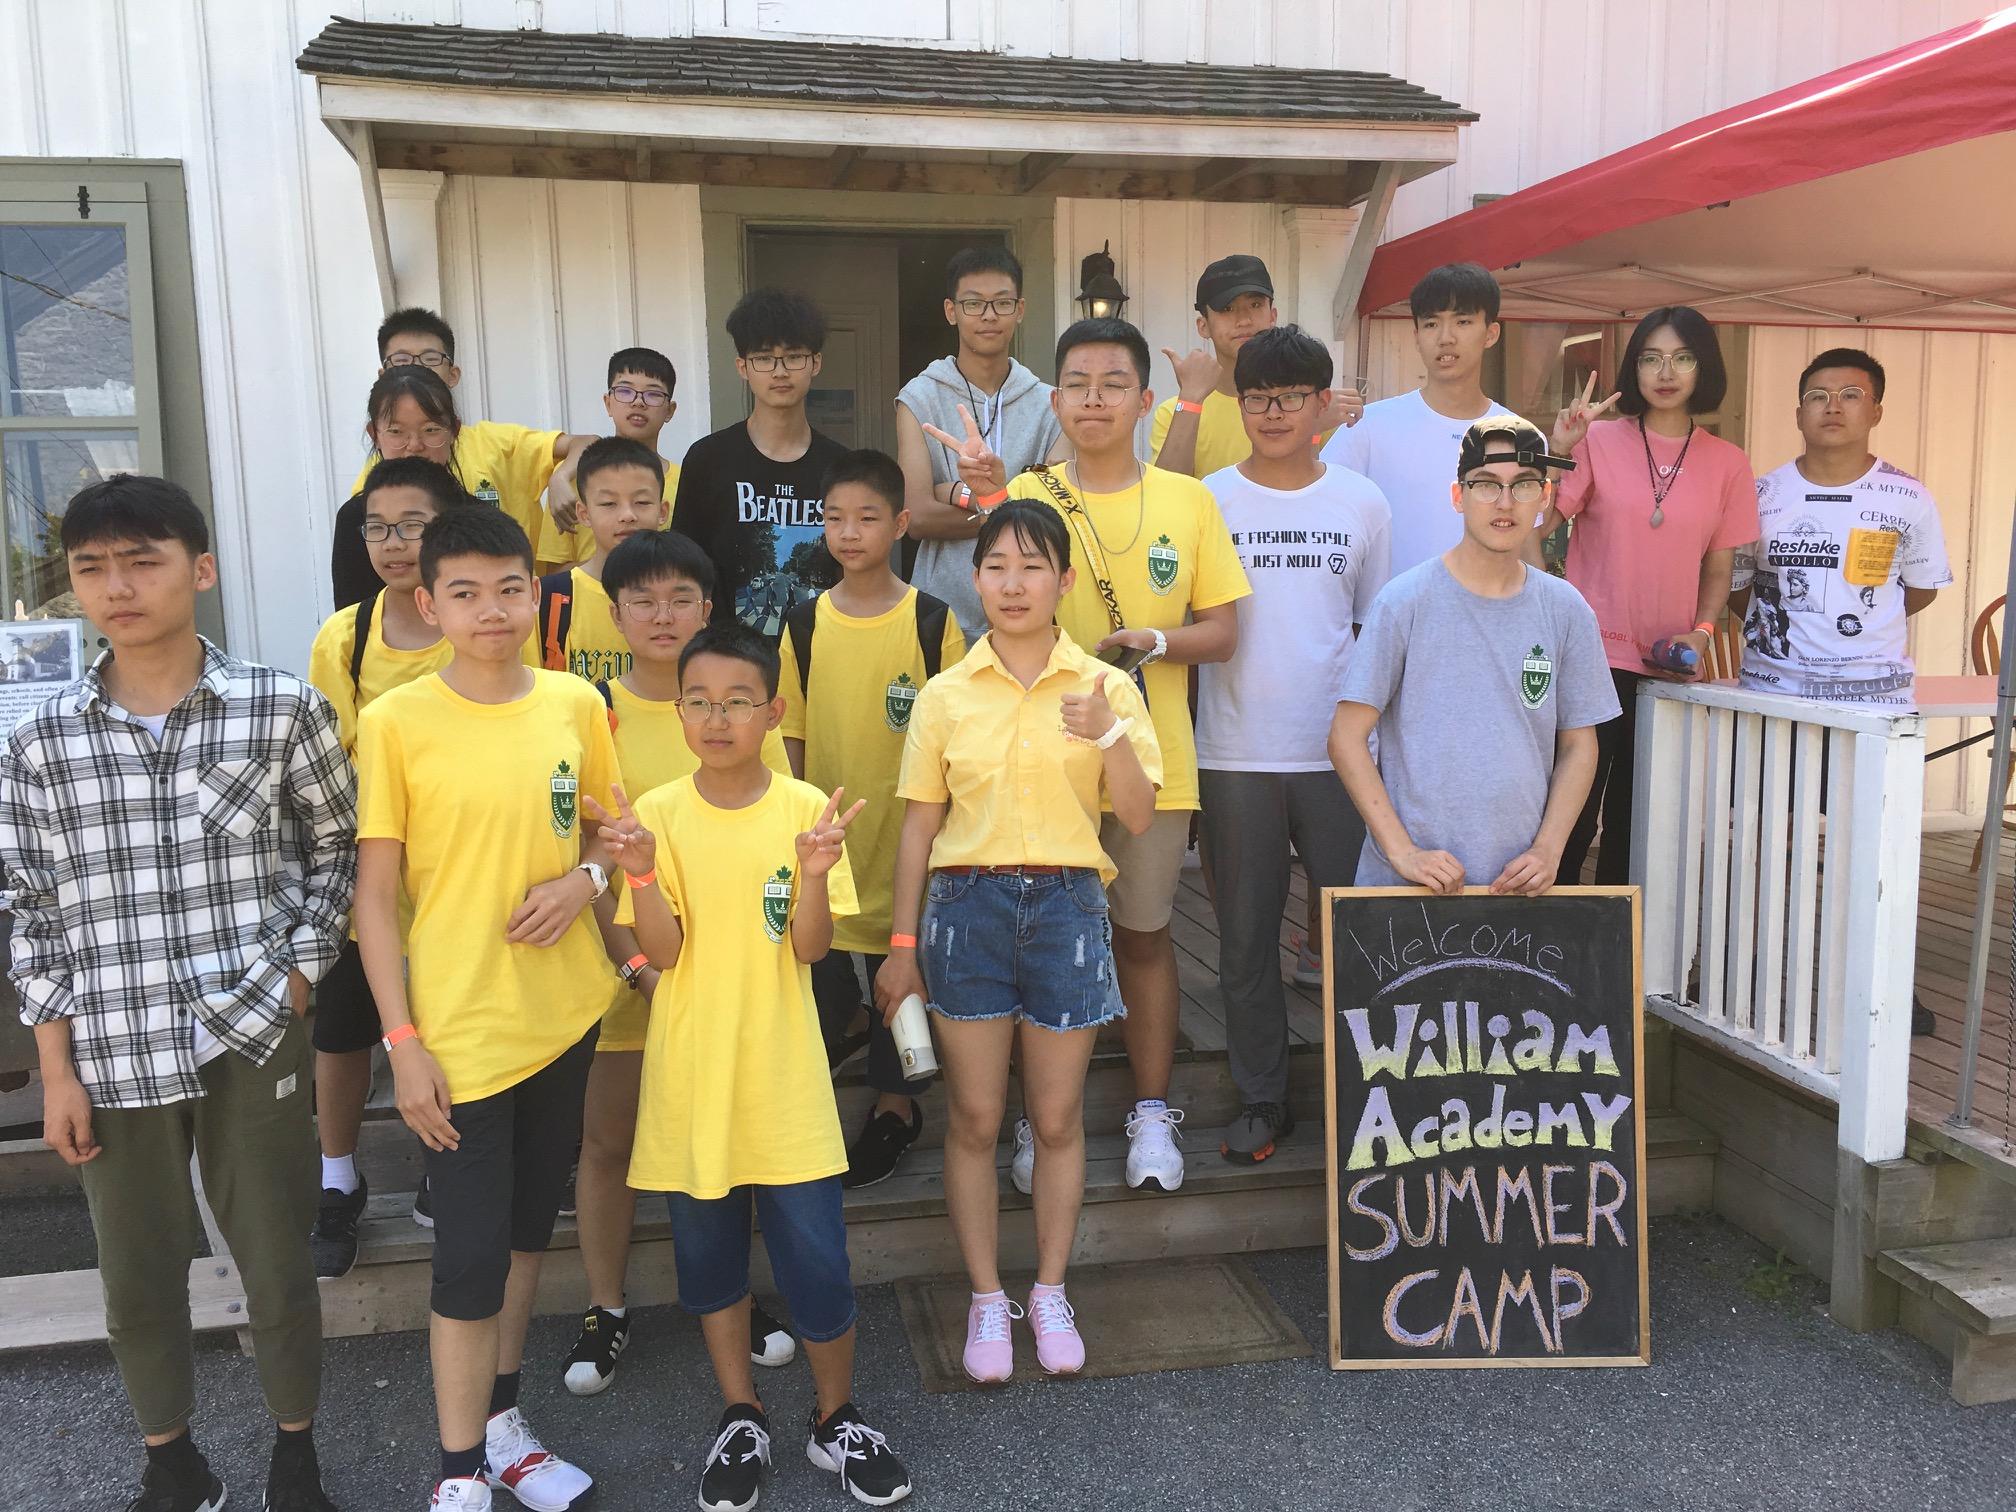 Children from William Academy Summer Camp